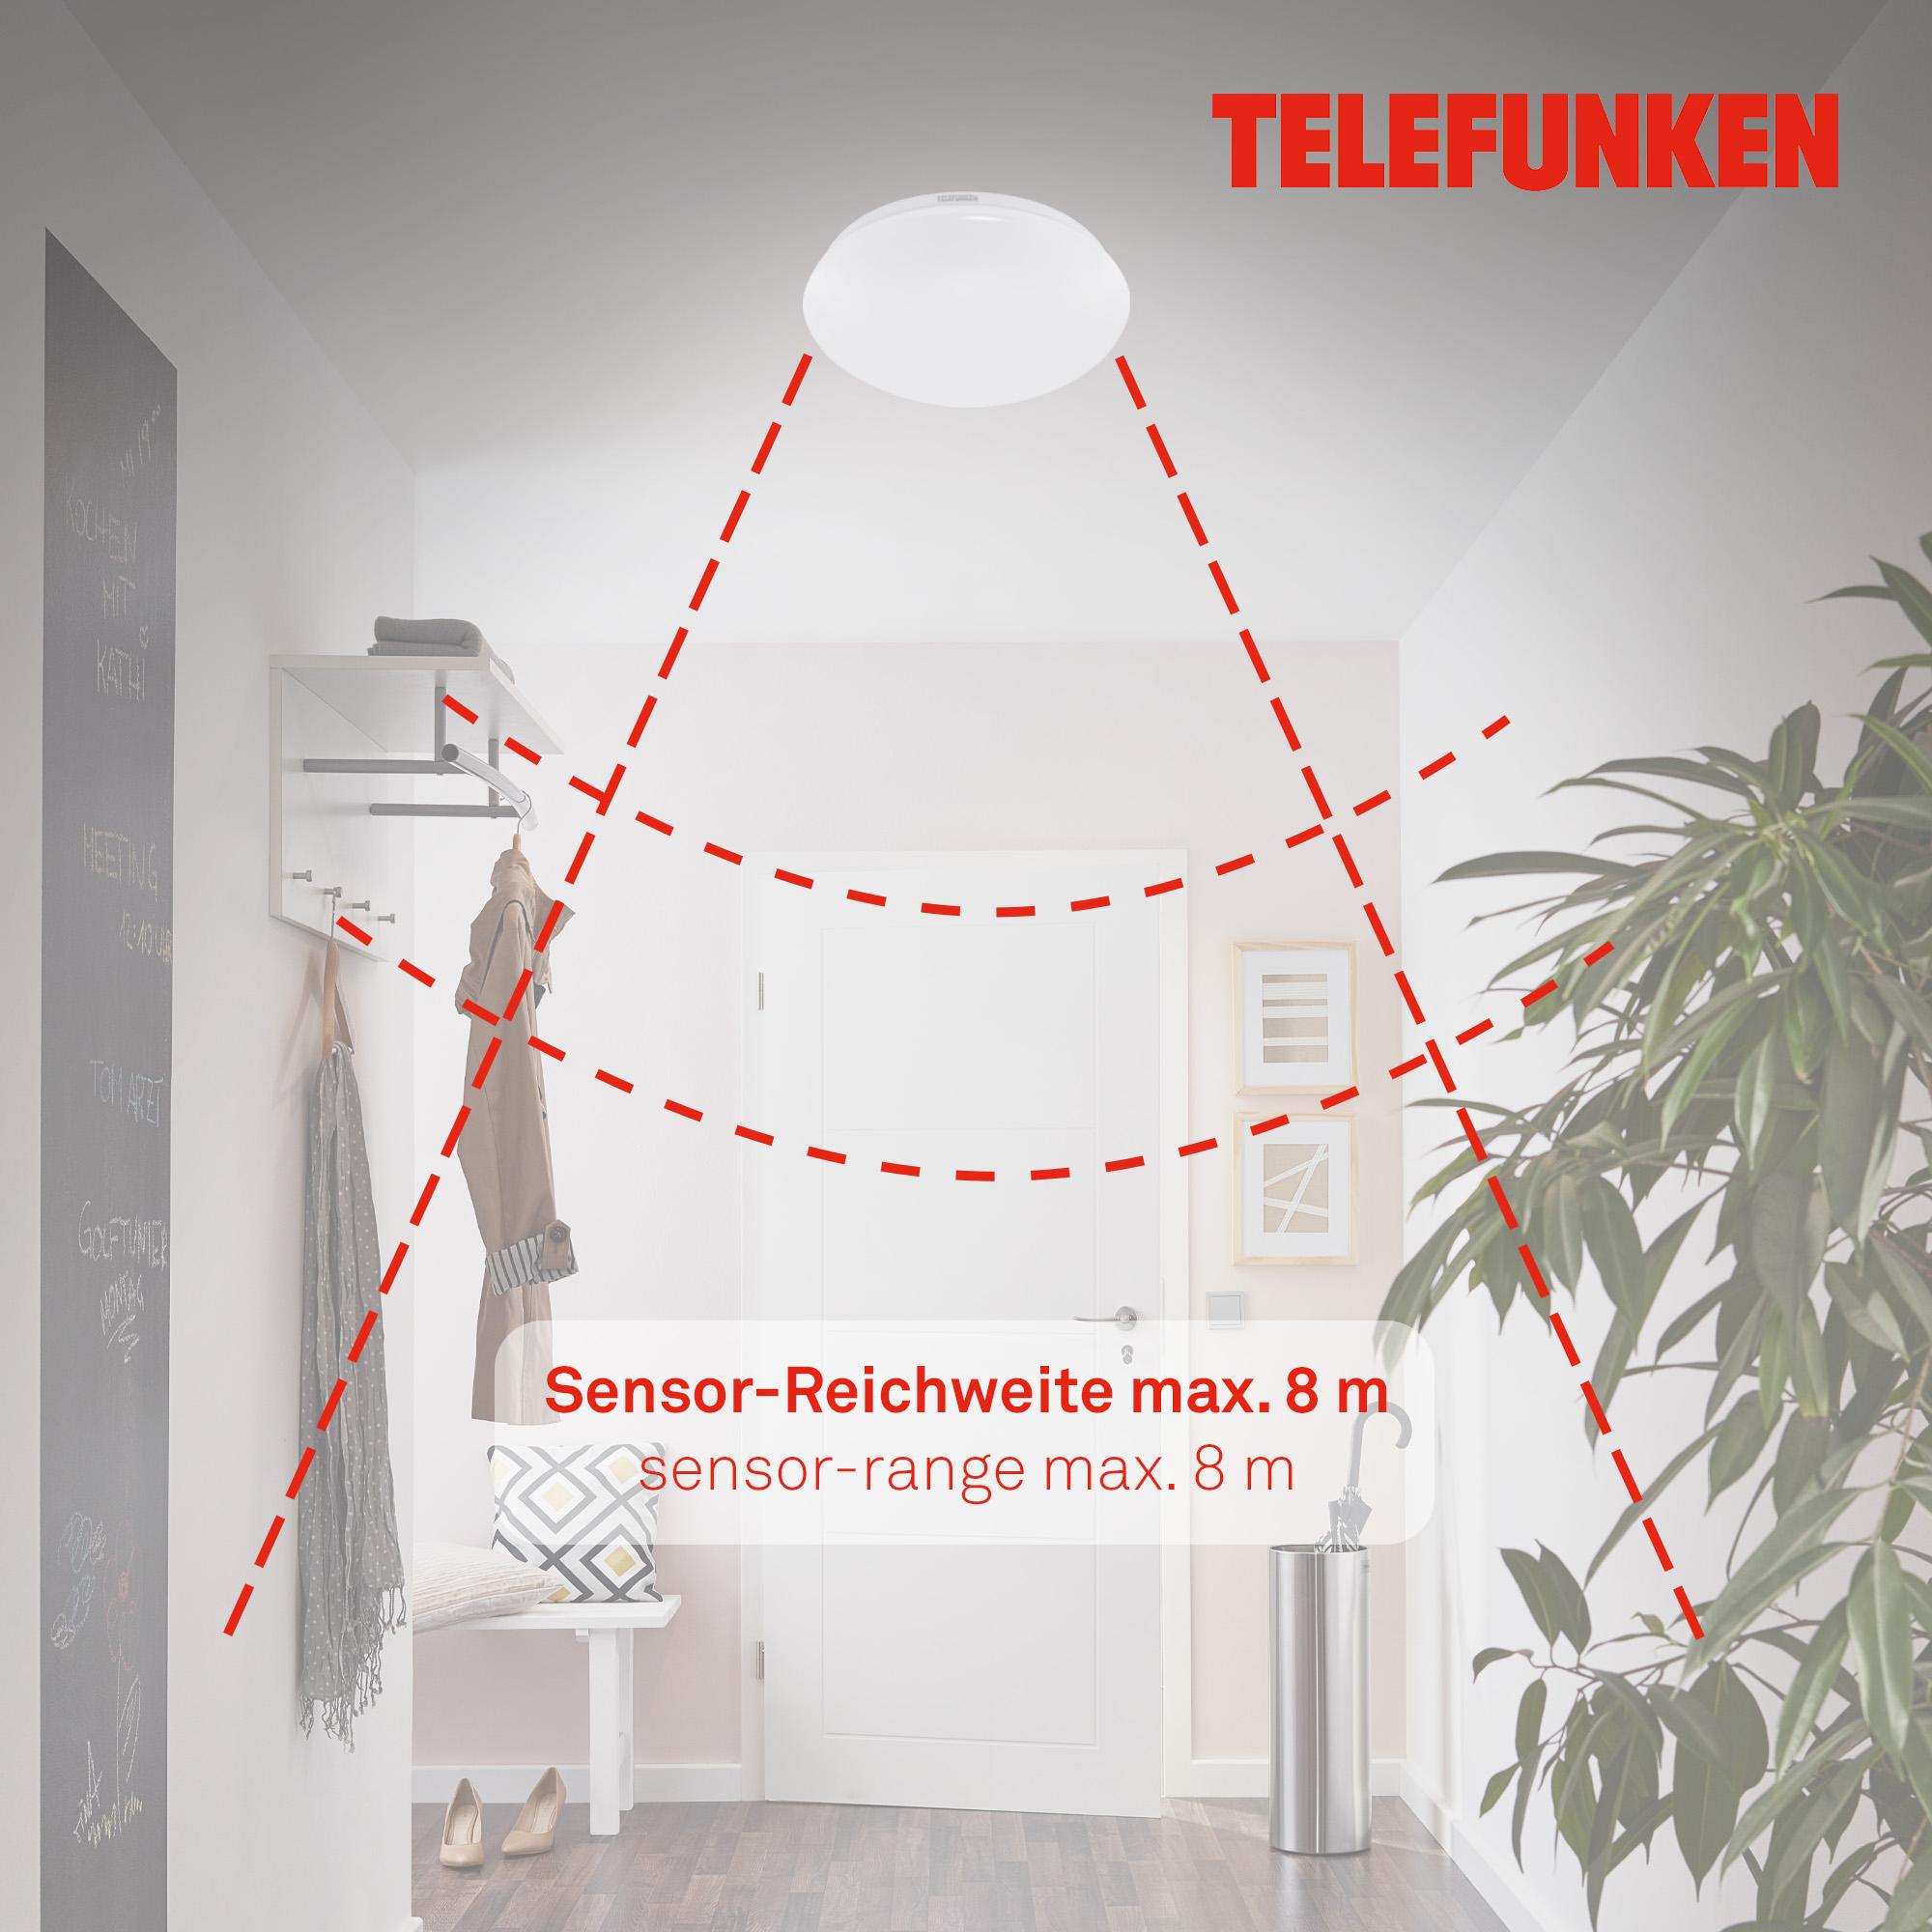 TELEFUNKEN LED Deckenleuchte Weiß